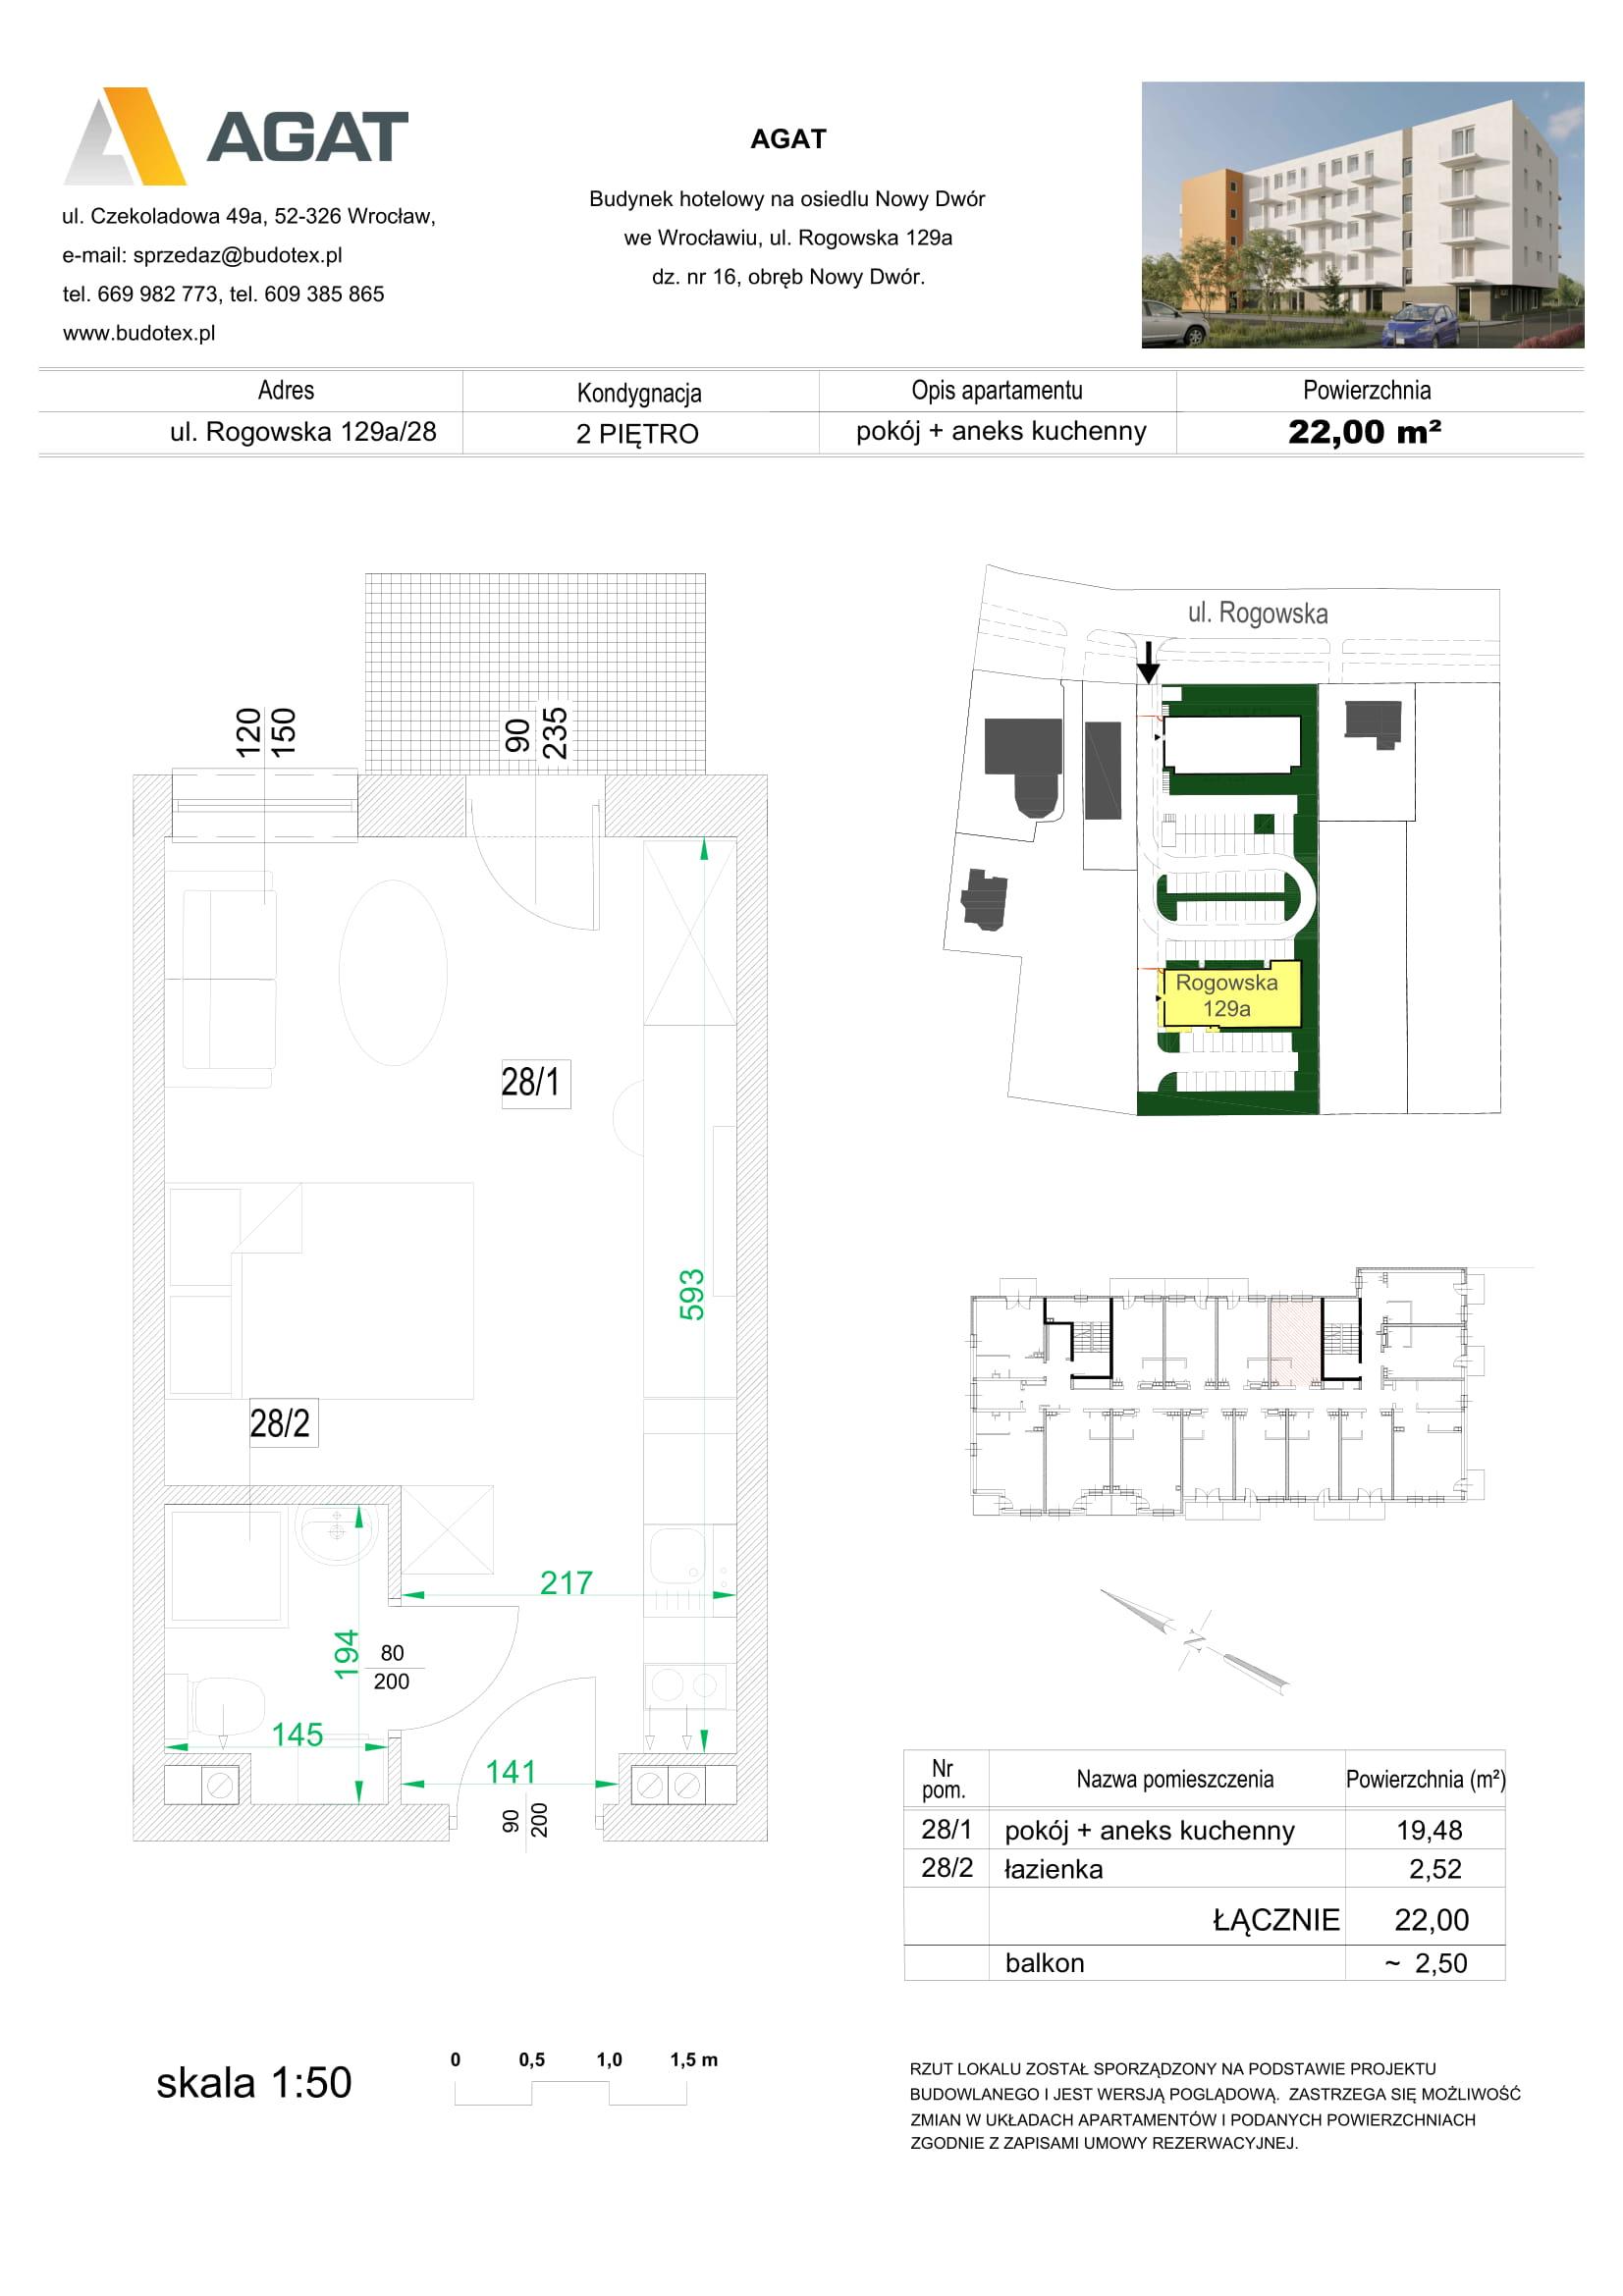 Mieszkanie nr 28